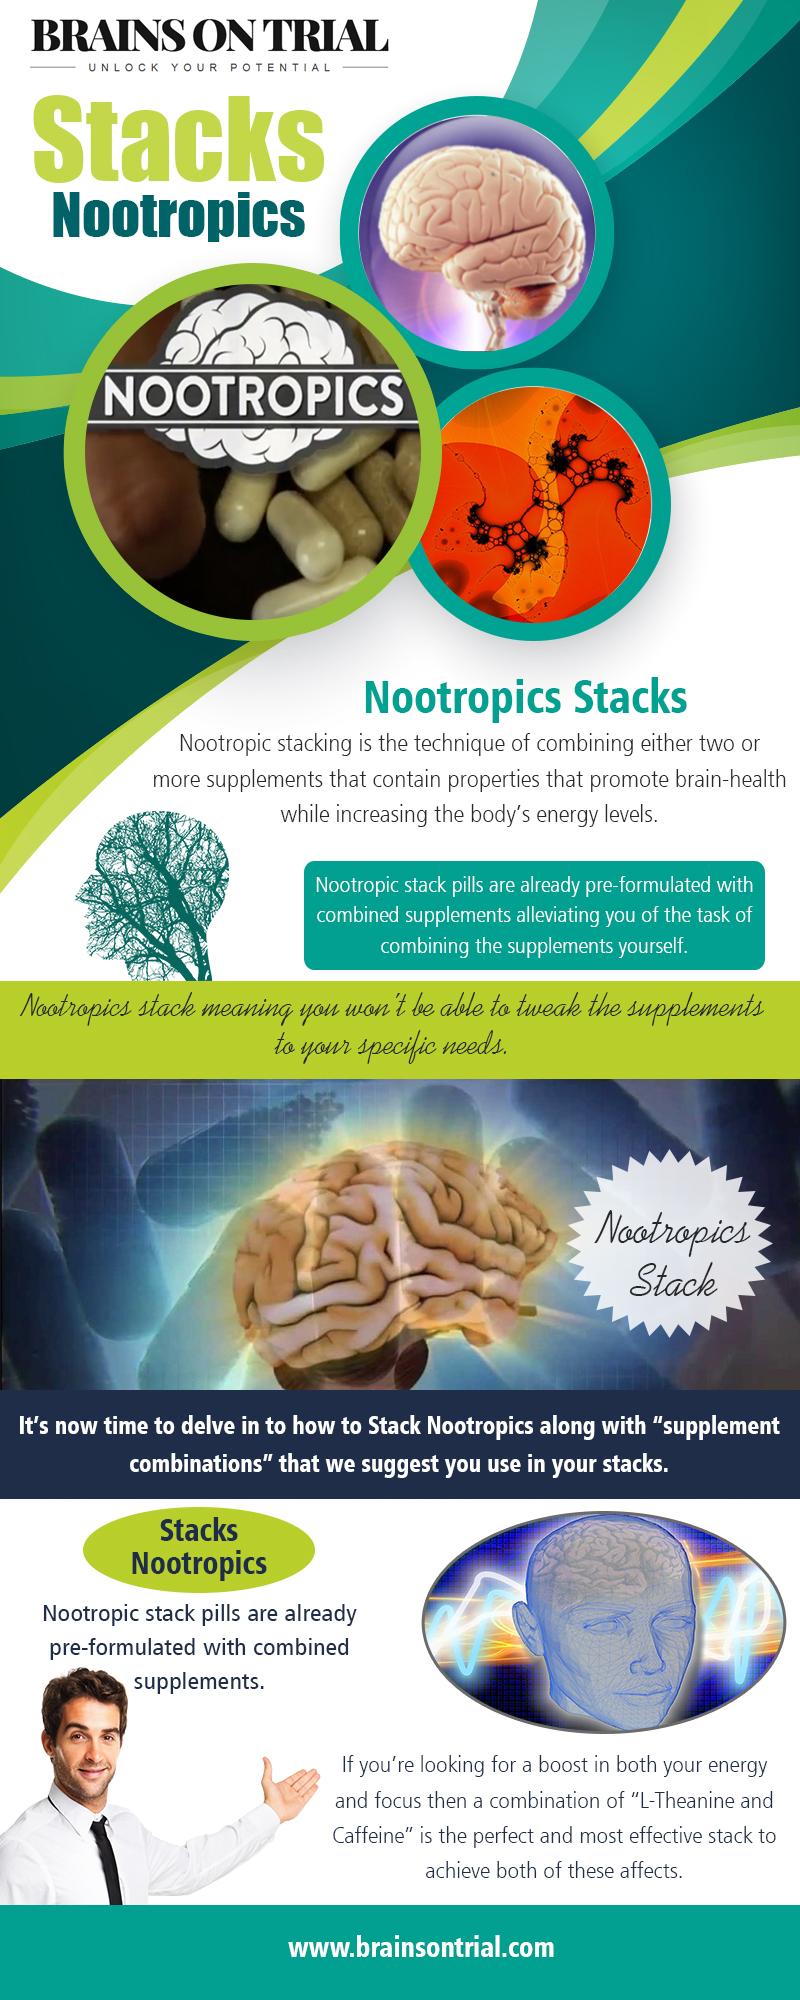 Best Stacks Nootropics